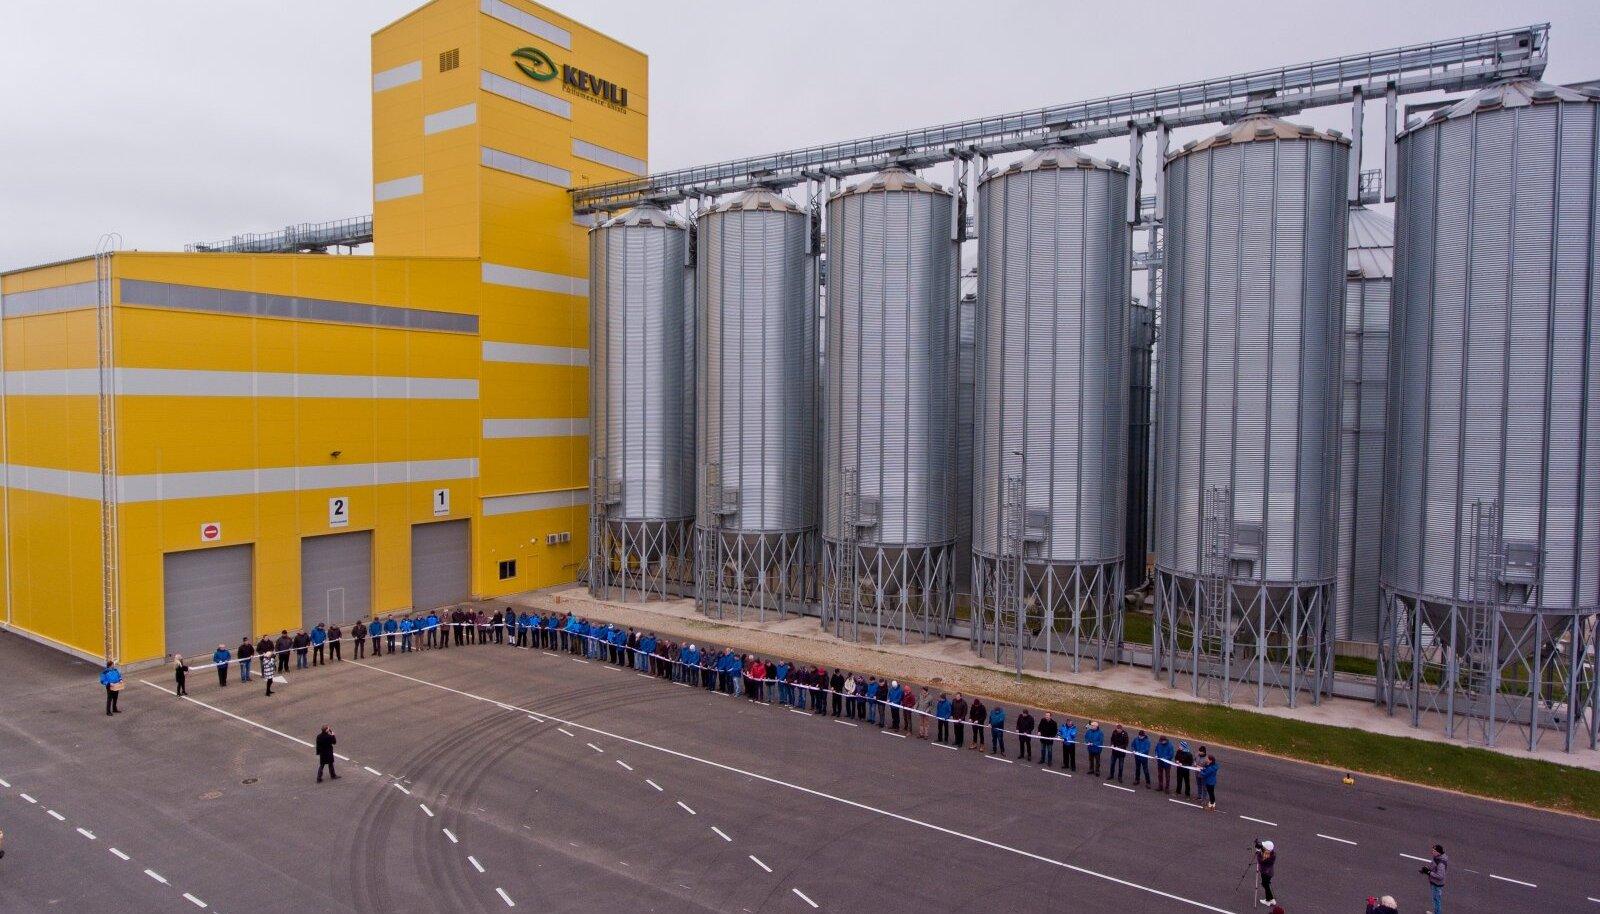 2016. aasta oktoobris suure pidulikkusega avatud Kevili viljaterminal Rõngus – kuivati, labor ja säilituspunkrid – on üks viimaste aastate suurimaid kuivatiehitusi Eestis.